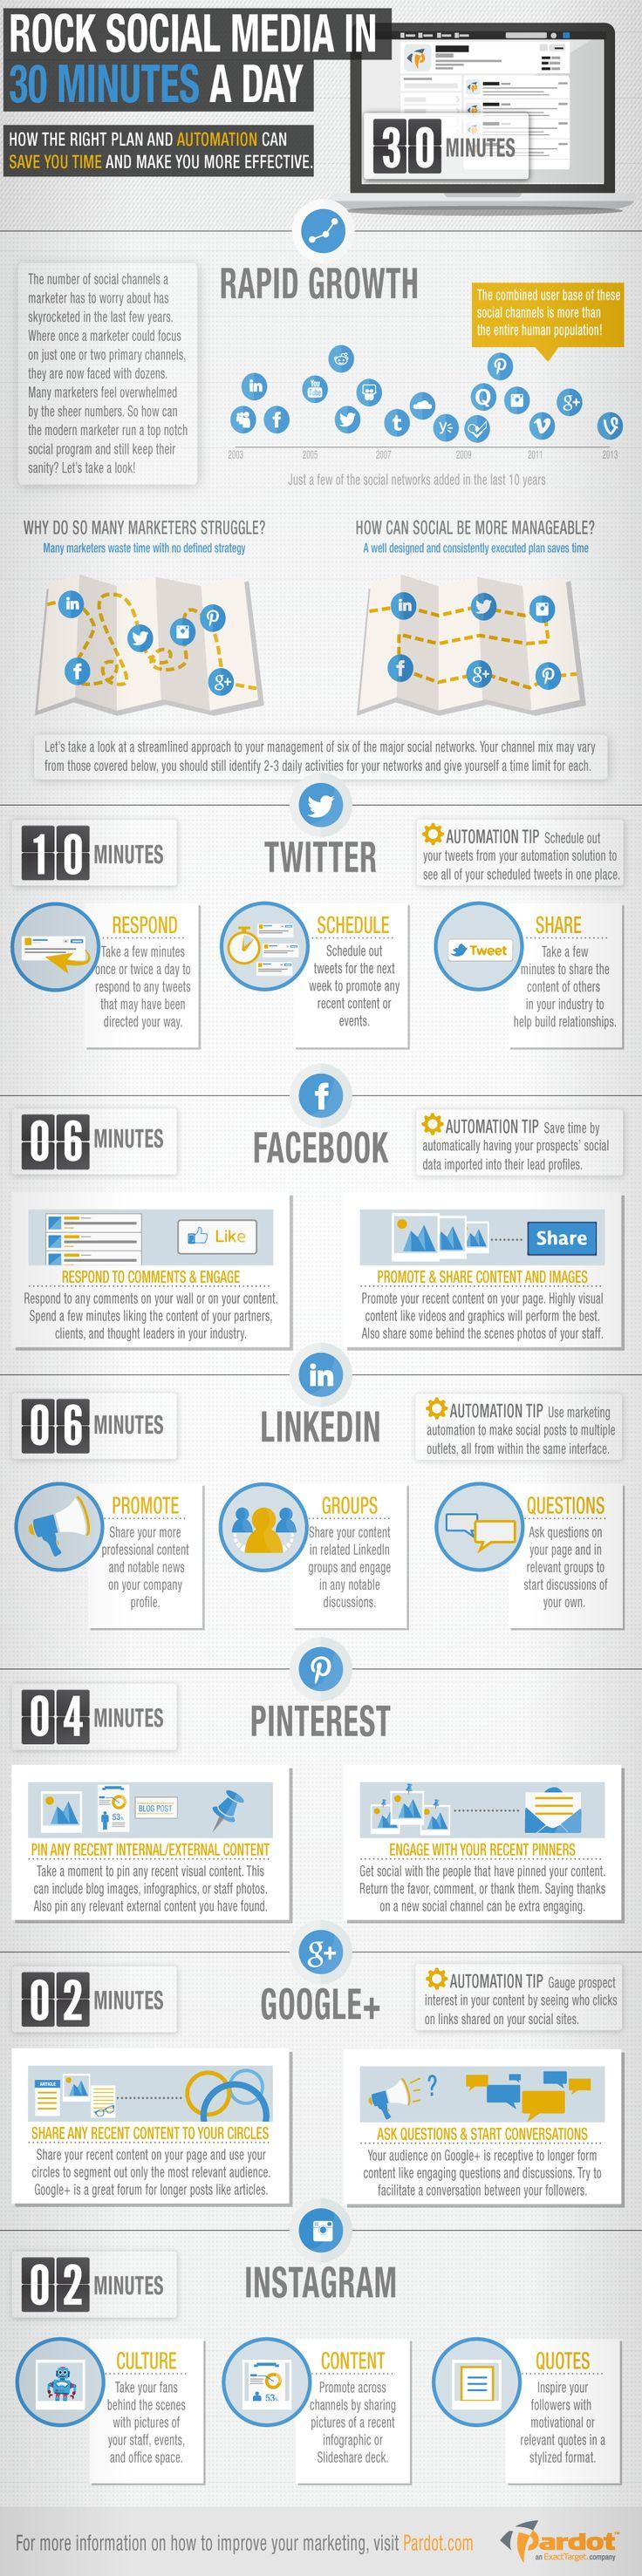 social media 30